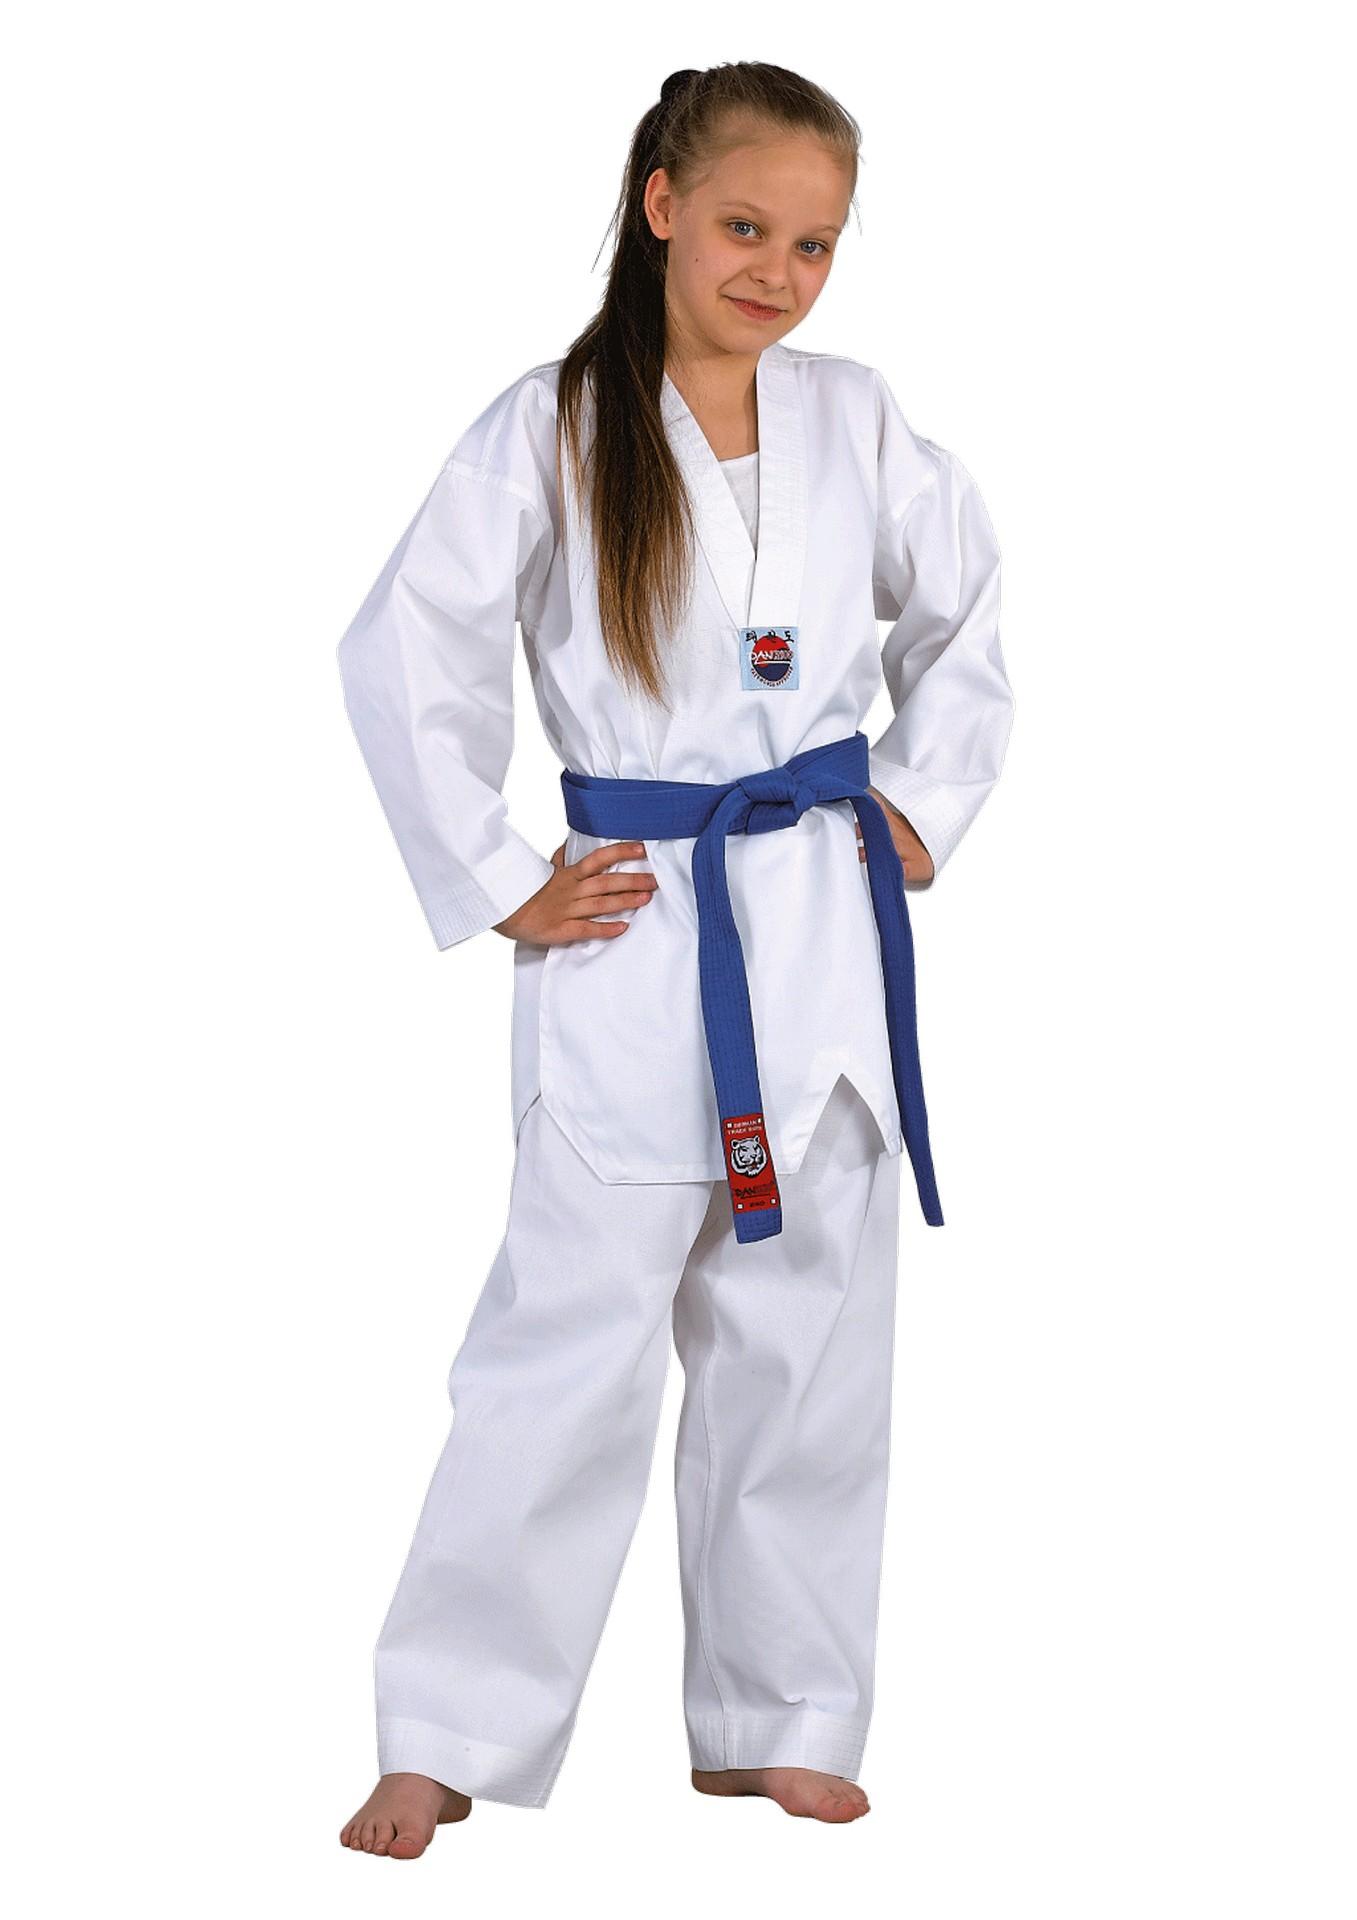 dojo line taekwondo dobok dojo line taekwondo dobok. Black Bedroom Furniture Sets. Home Design Ideas